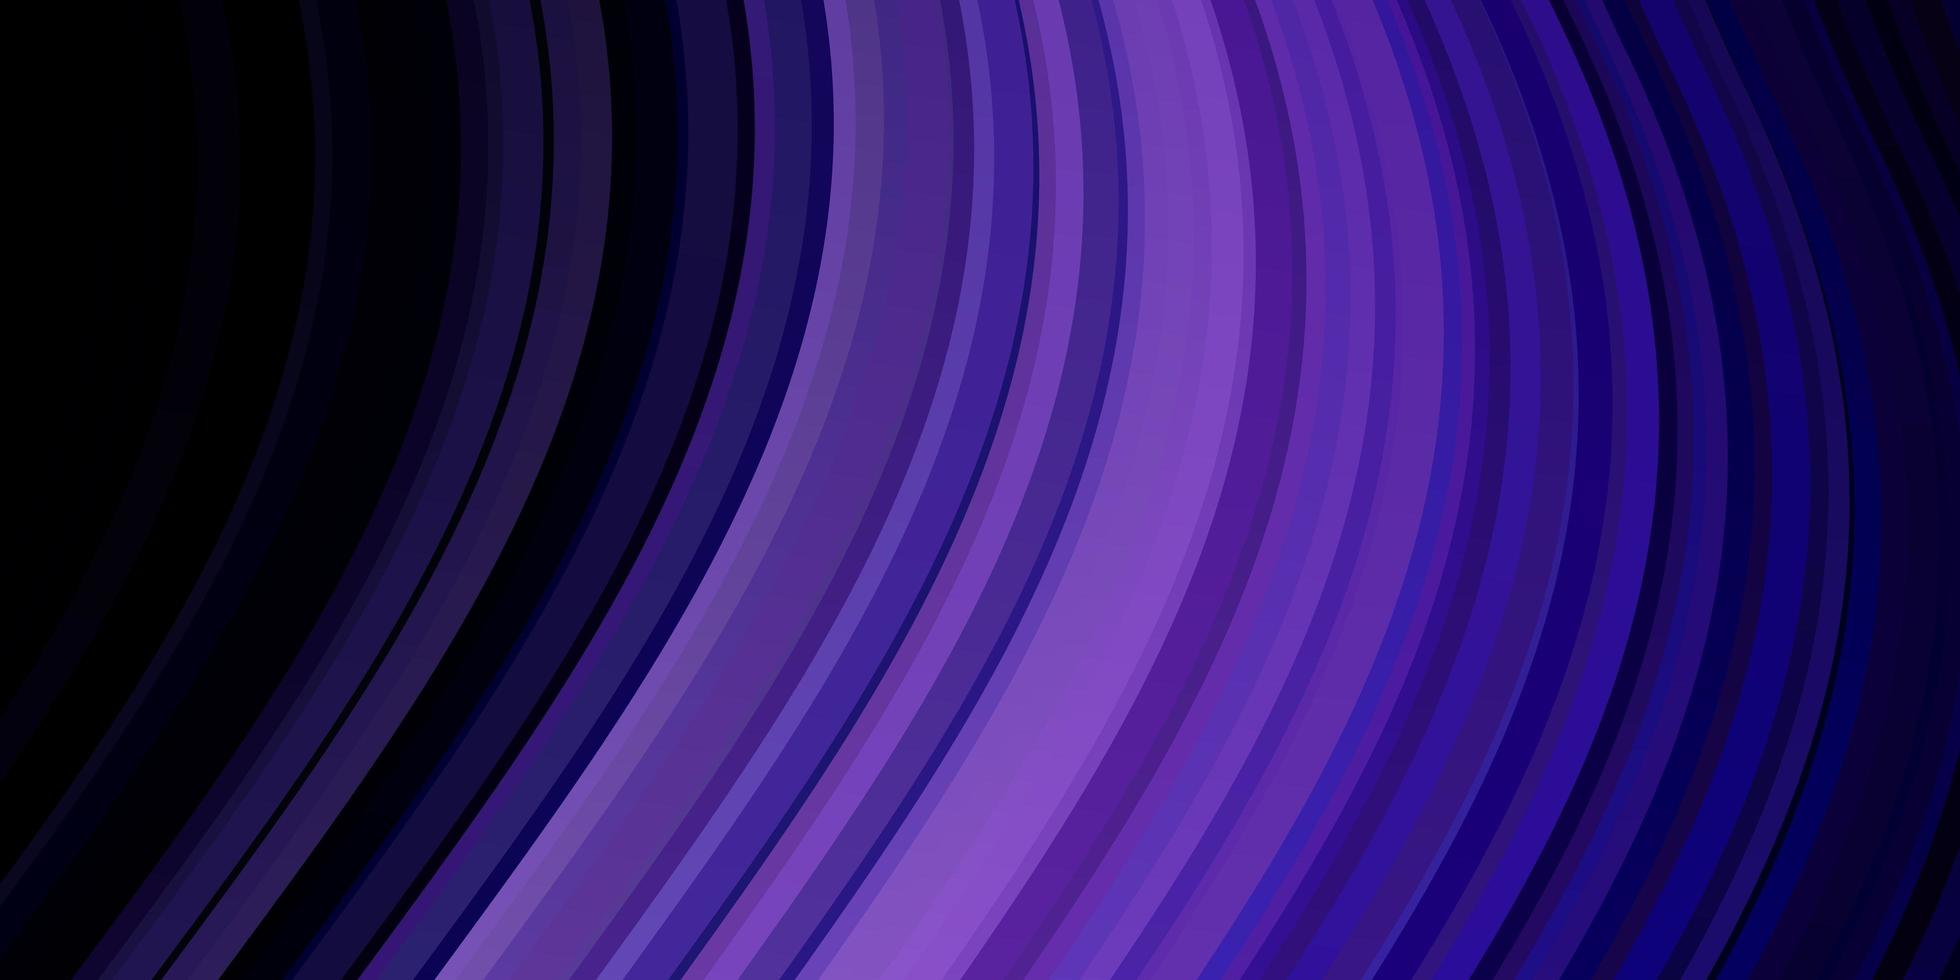 dunkelvioletter Vektorhintergrund mit Linien. vektor